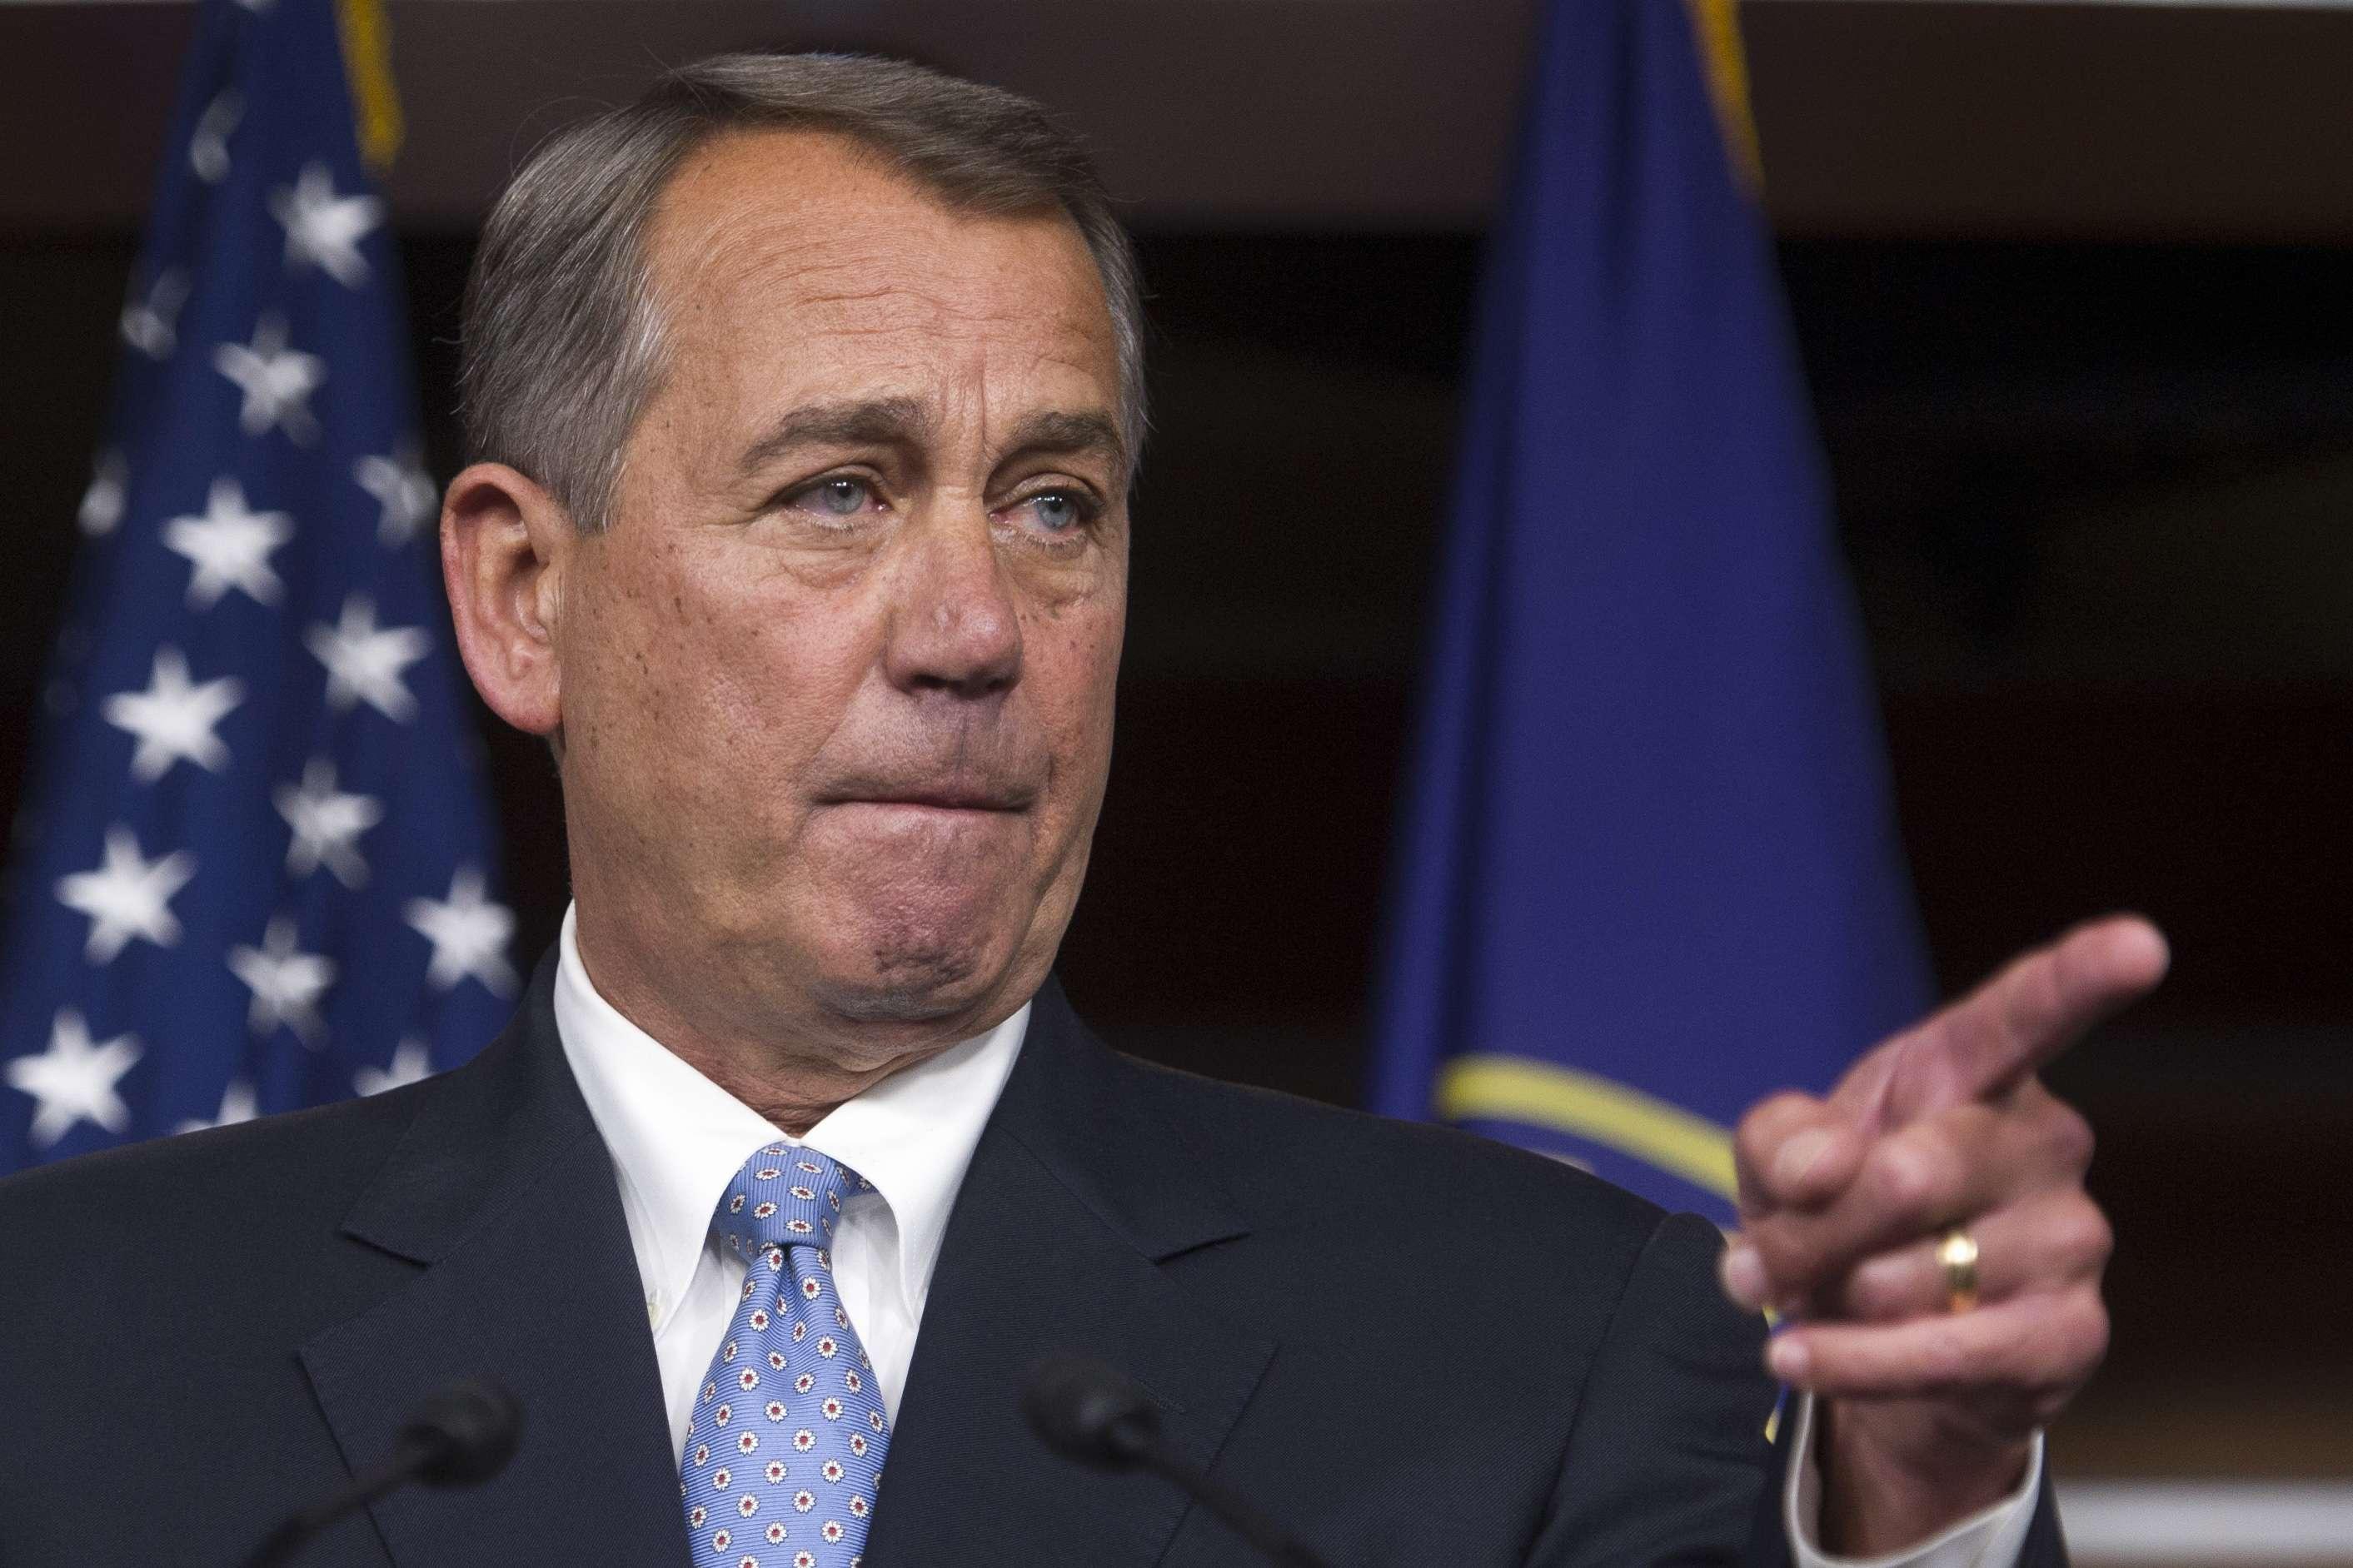 El presidente de la Cámara de Representantes, John Boehner, republicano de Ohio, en una conferencia de prensa en el Capitolio en Washington, el jueves 6 de noviembre de 2014. Foto: AP en español